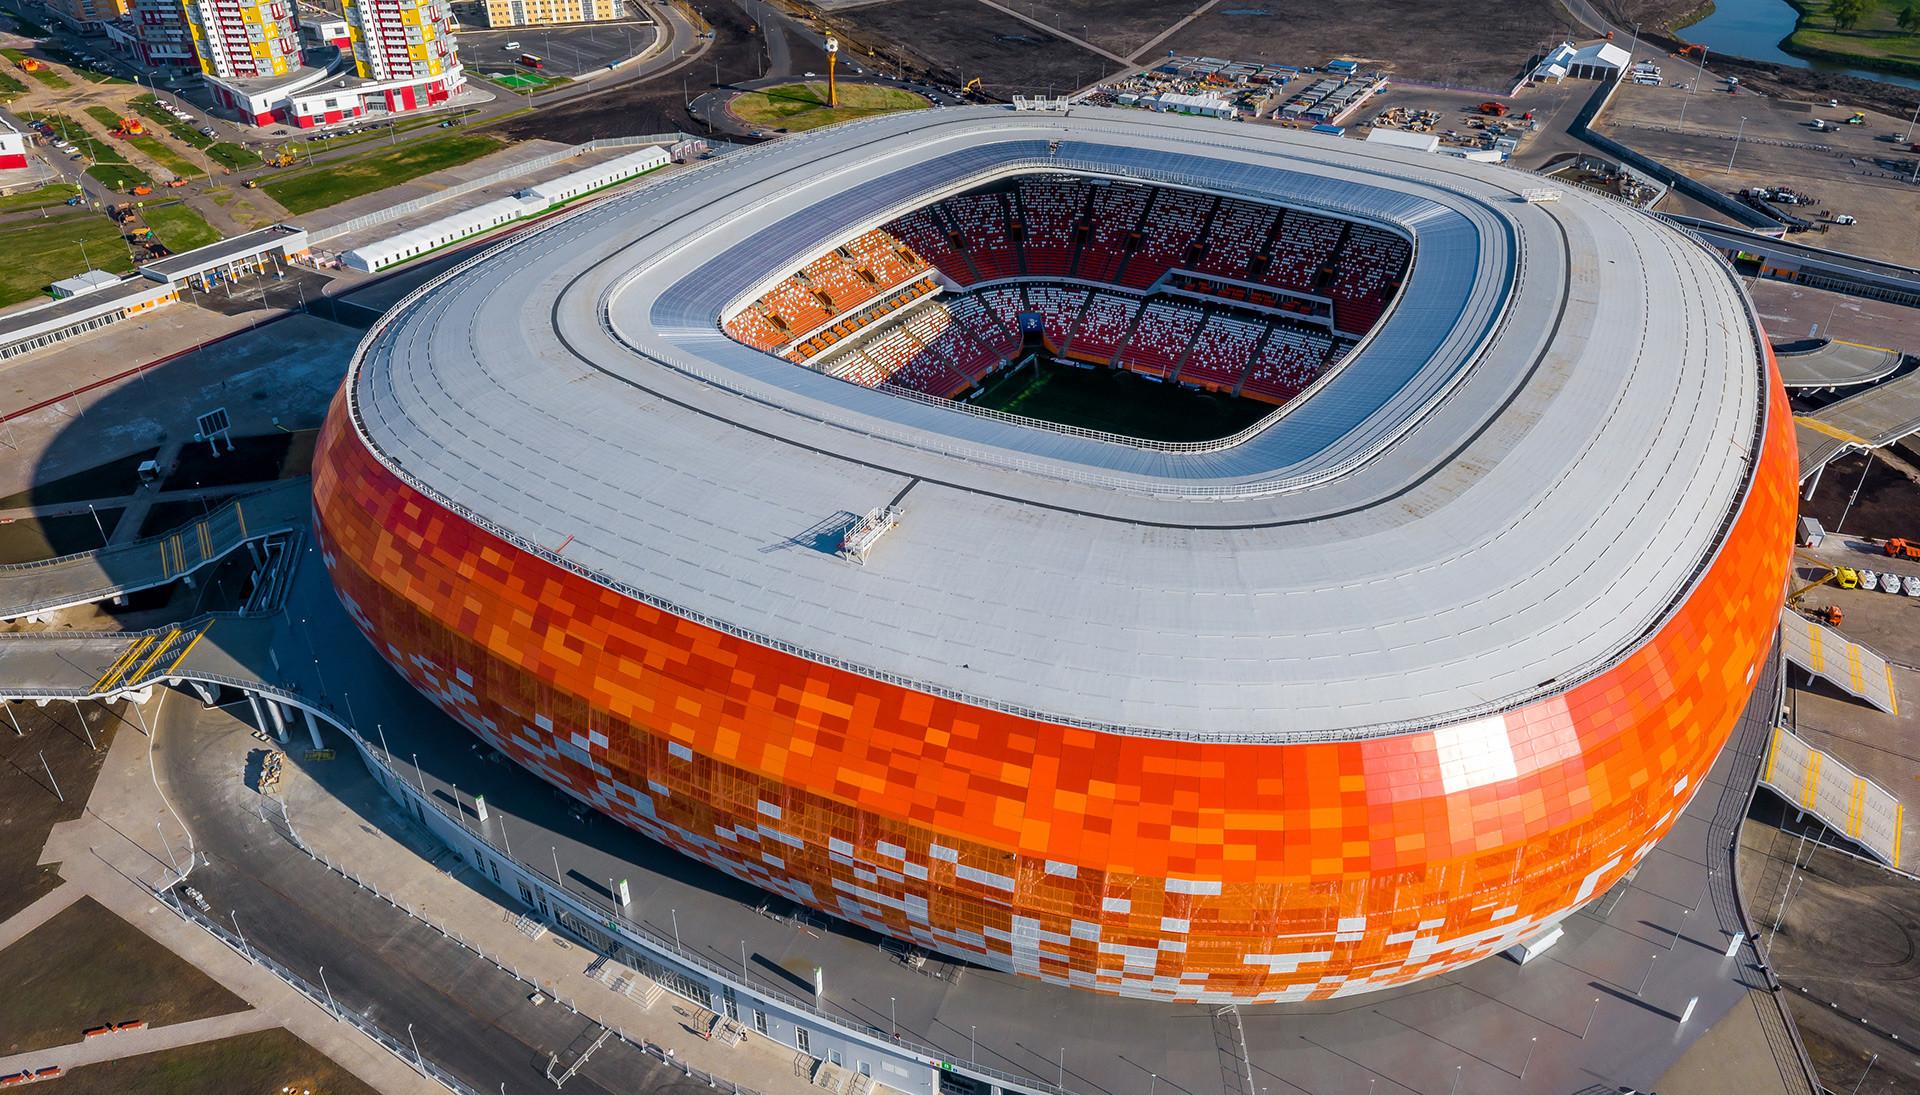 Stadion v Saransku. Mesto z okoli 300.000 prebivalci ima stadion s 45.000 sedeži, ki ga bodo po prvenstvu zmanjšali za potrebe drugoligaškega kluba.